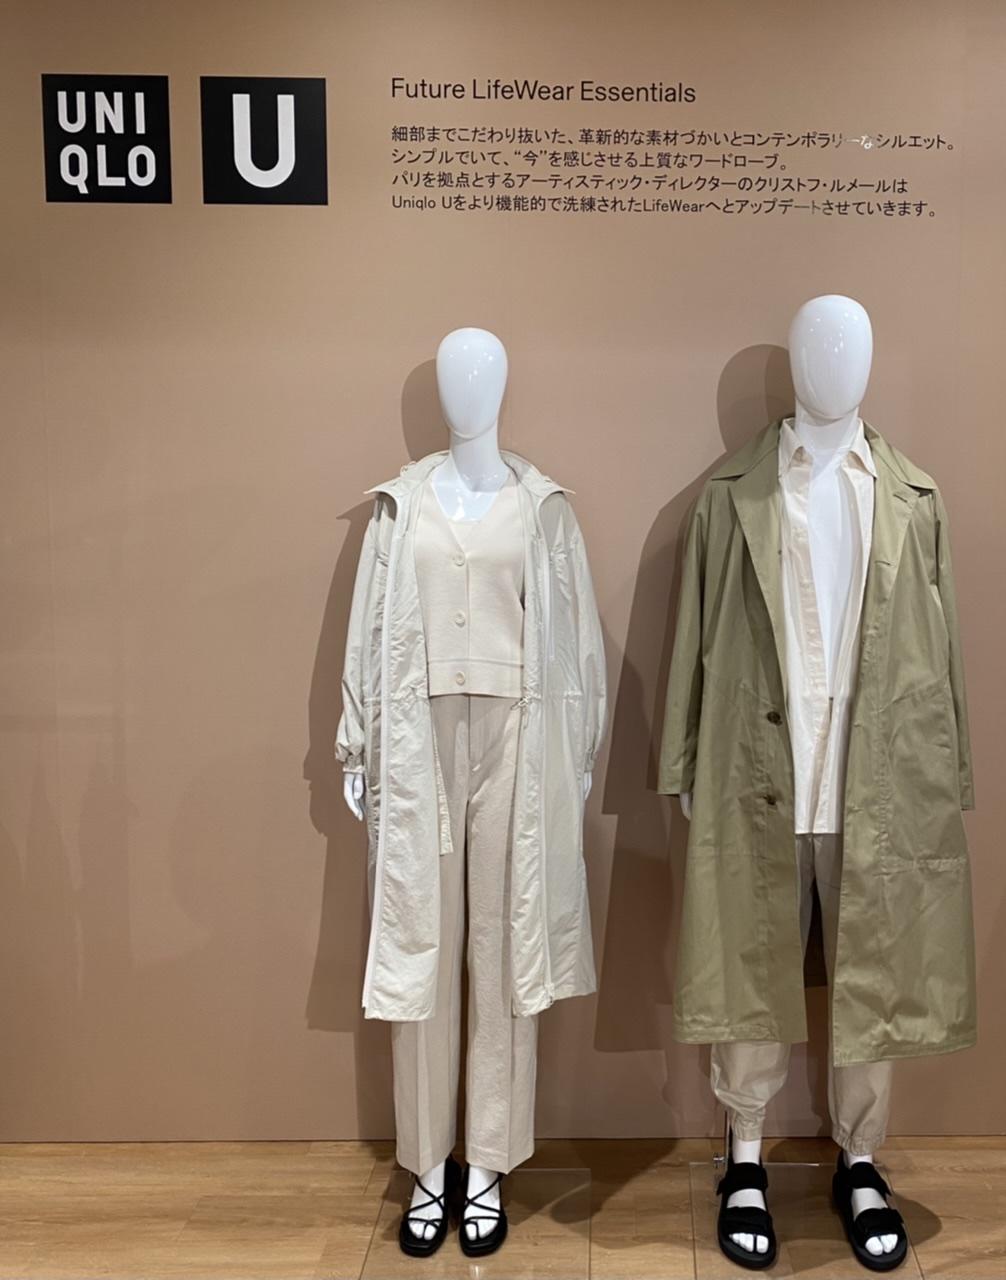 ユニクロ ユーの新作を着たマネキン